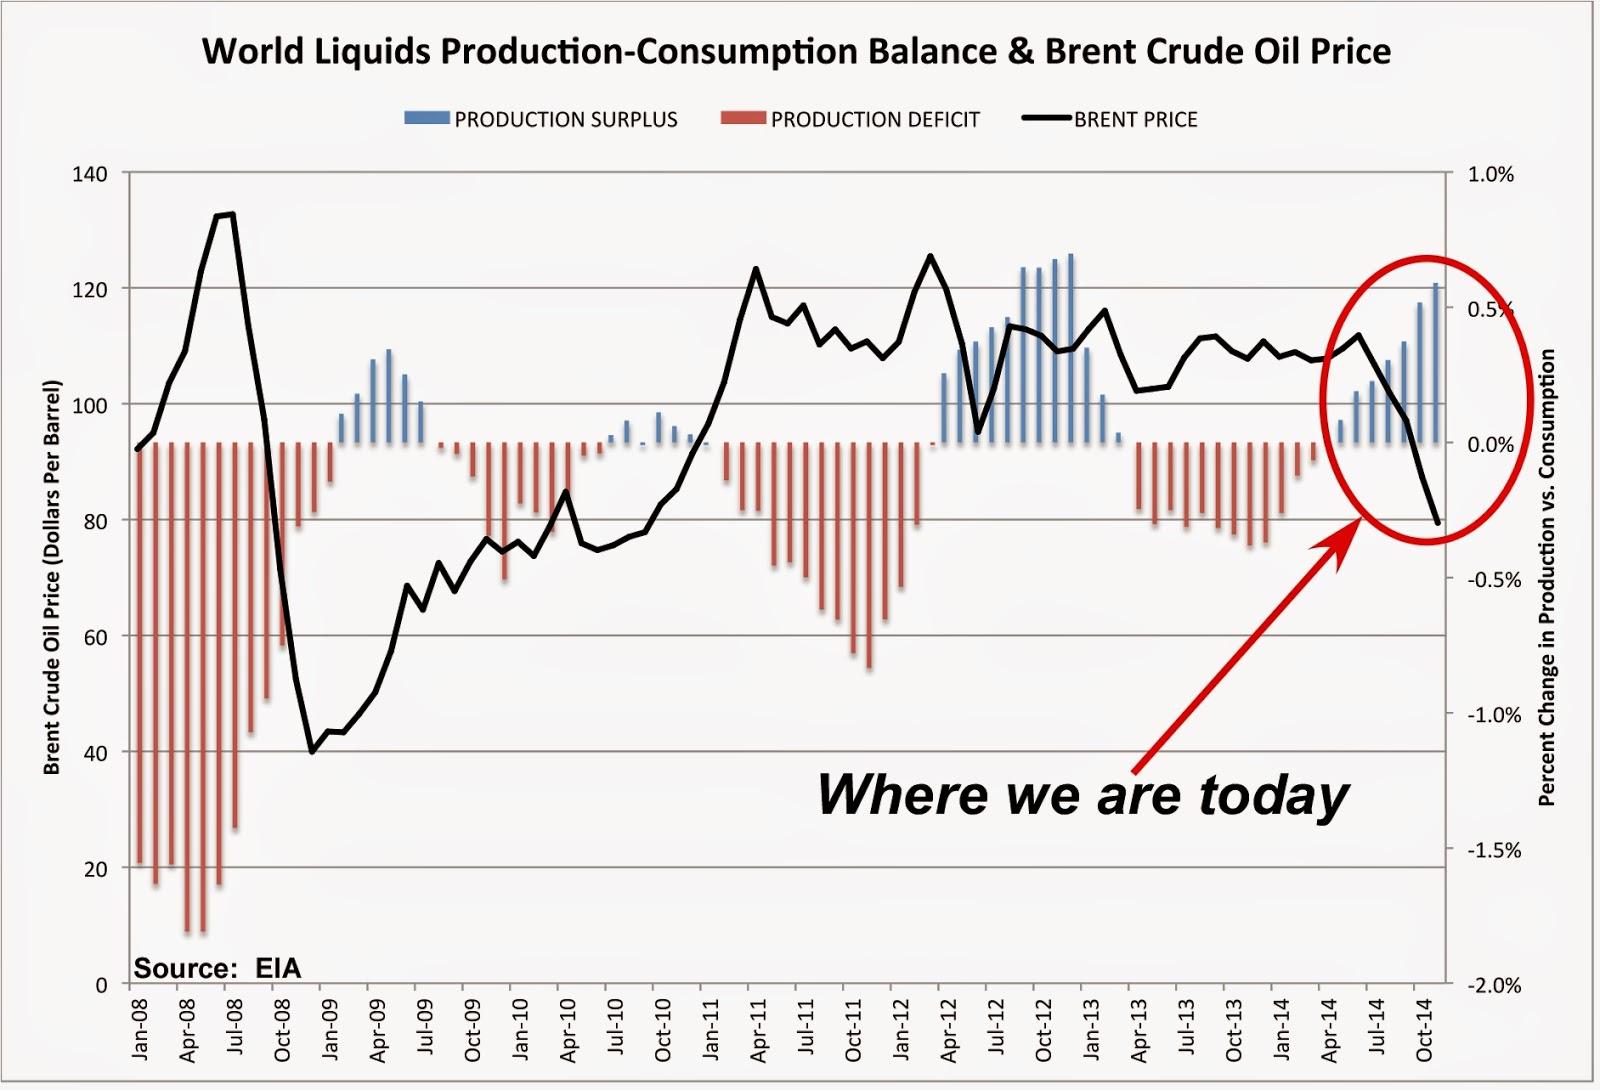 Evolution du prix du pétrole depuis 2008 en comparaison des surplus et des déficits de production. Doc. IEA/AB